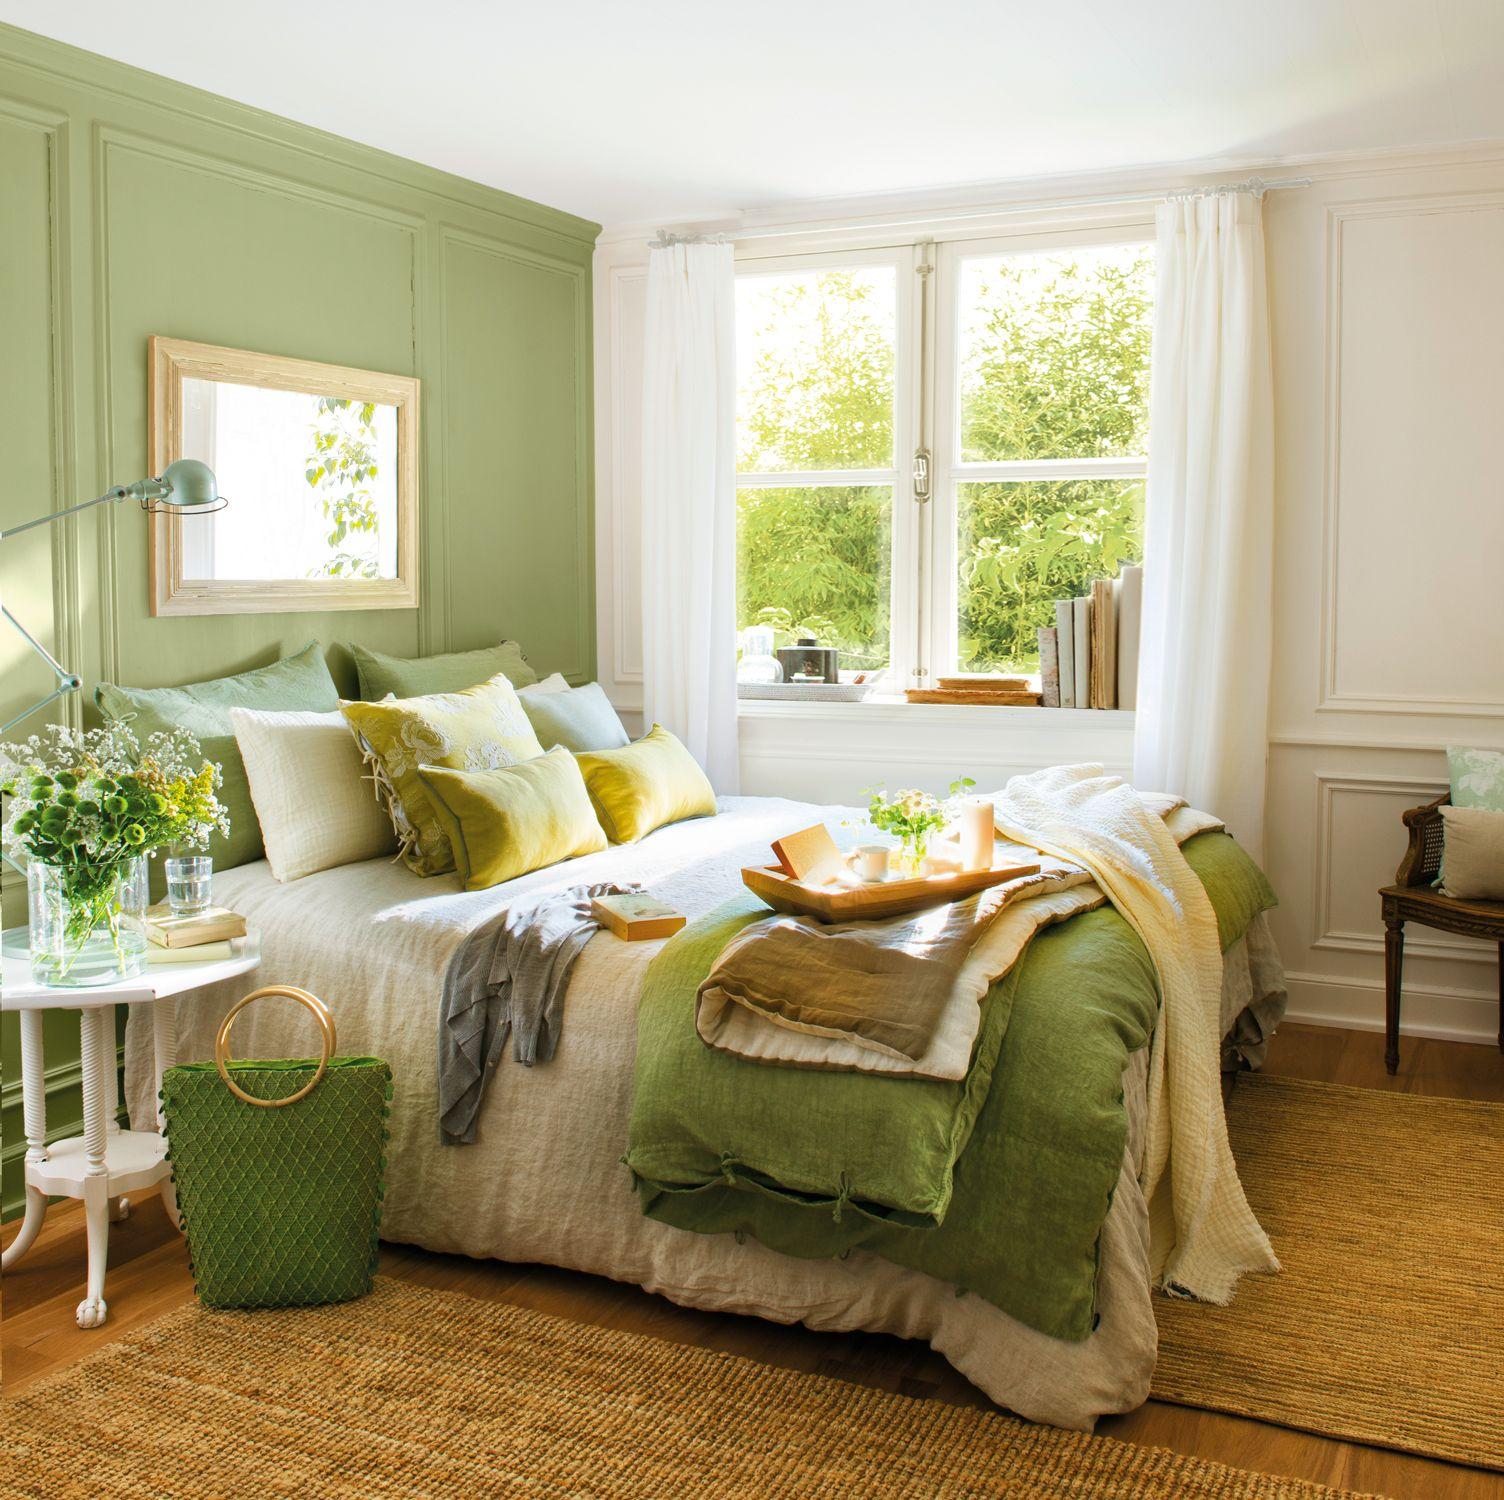 Dormitorio en verde y blanco con alfombra de fibra 438307 for Alfombras para dormitorio